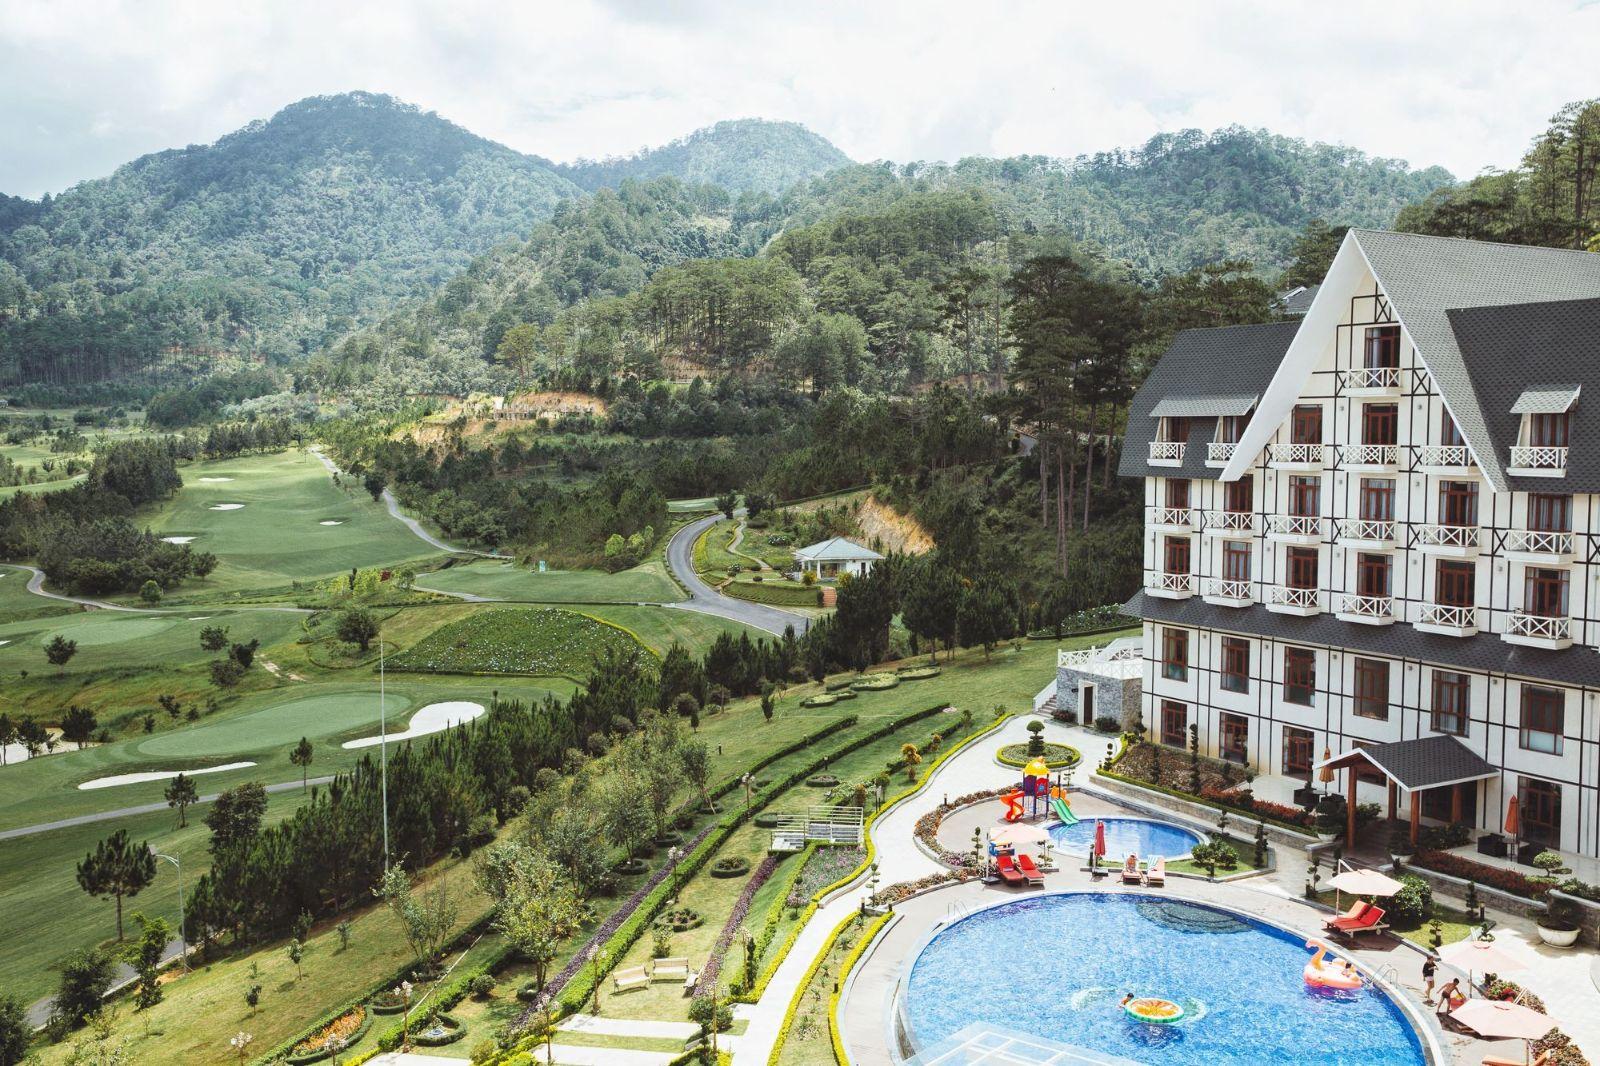 khach san da lat 5 Điểm danh những khách sạn Đà Lạt dành cho các tín đồ mê cảnh sắc nước non